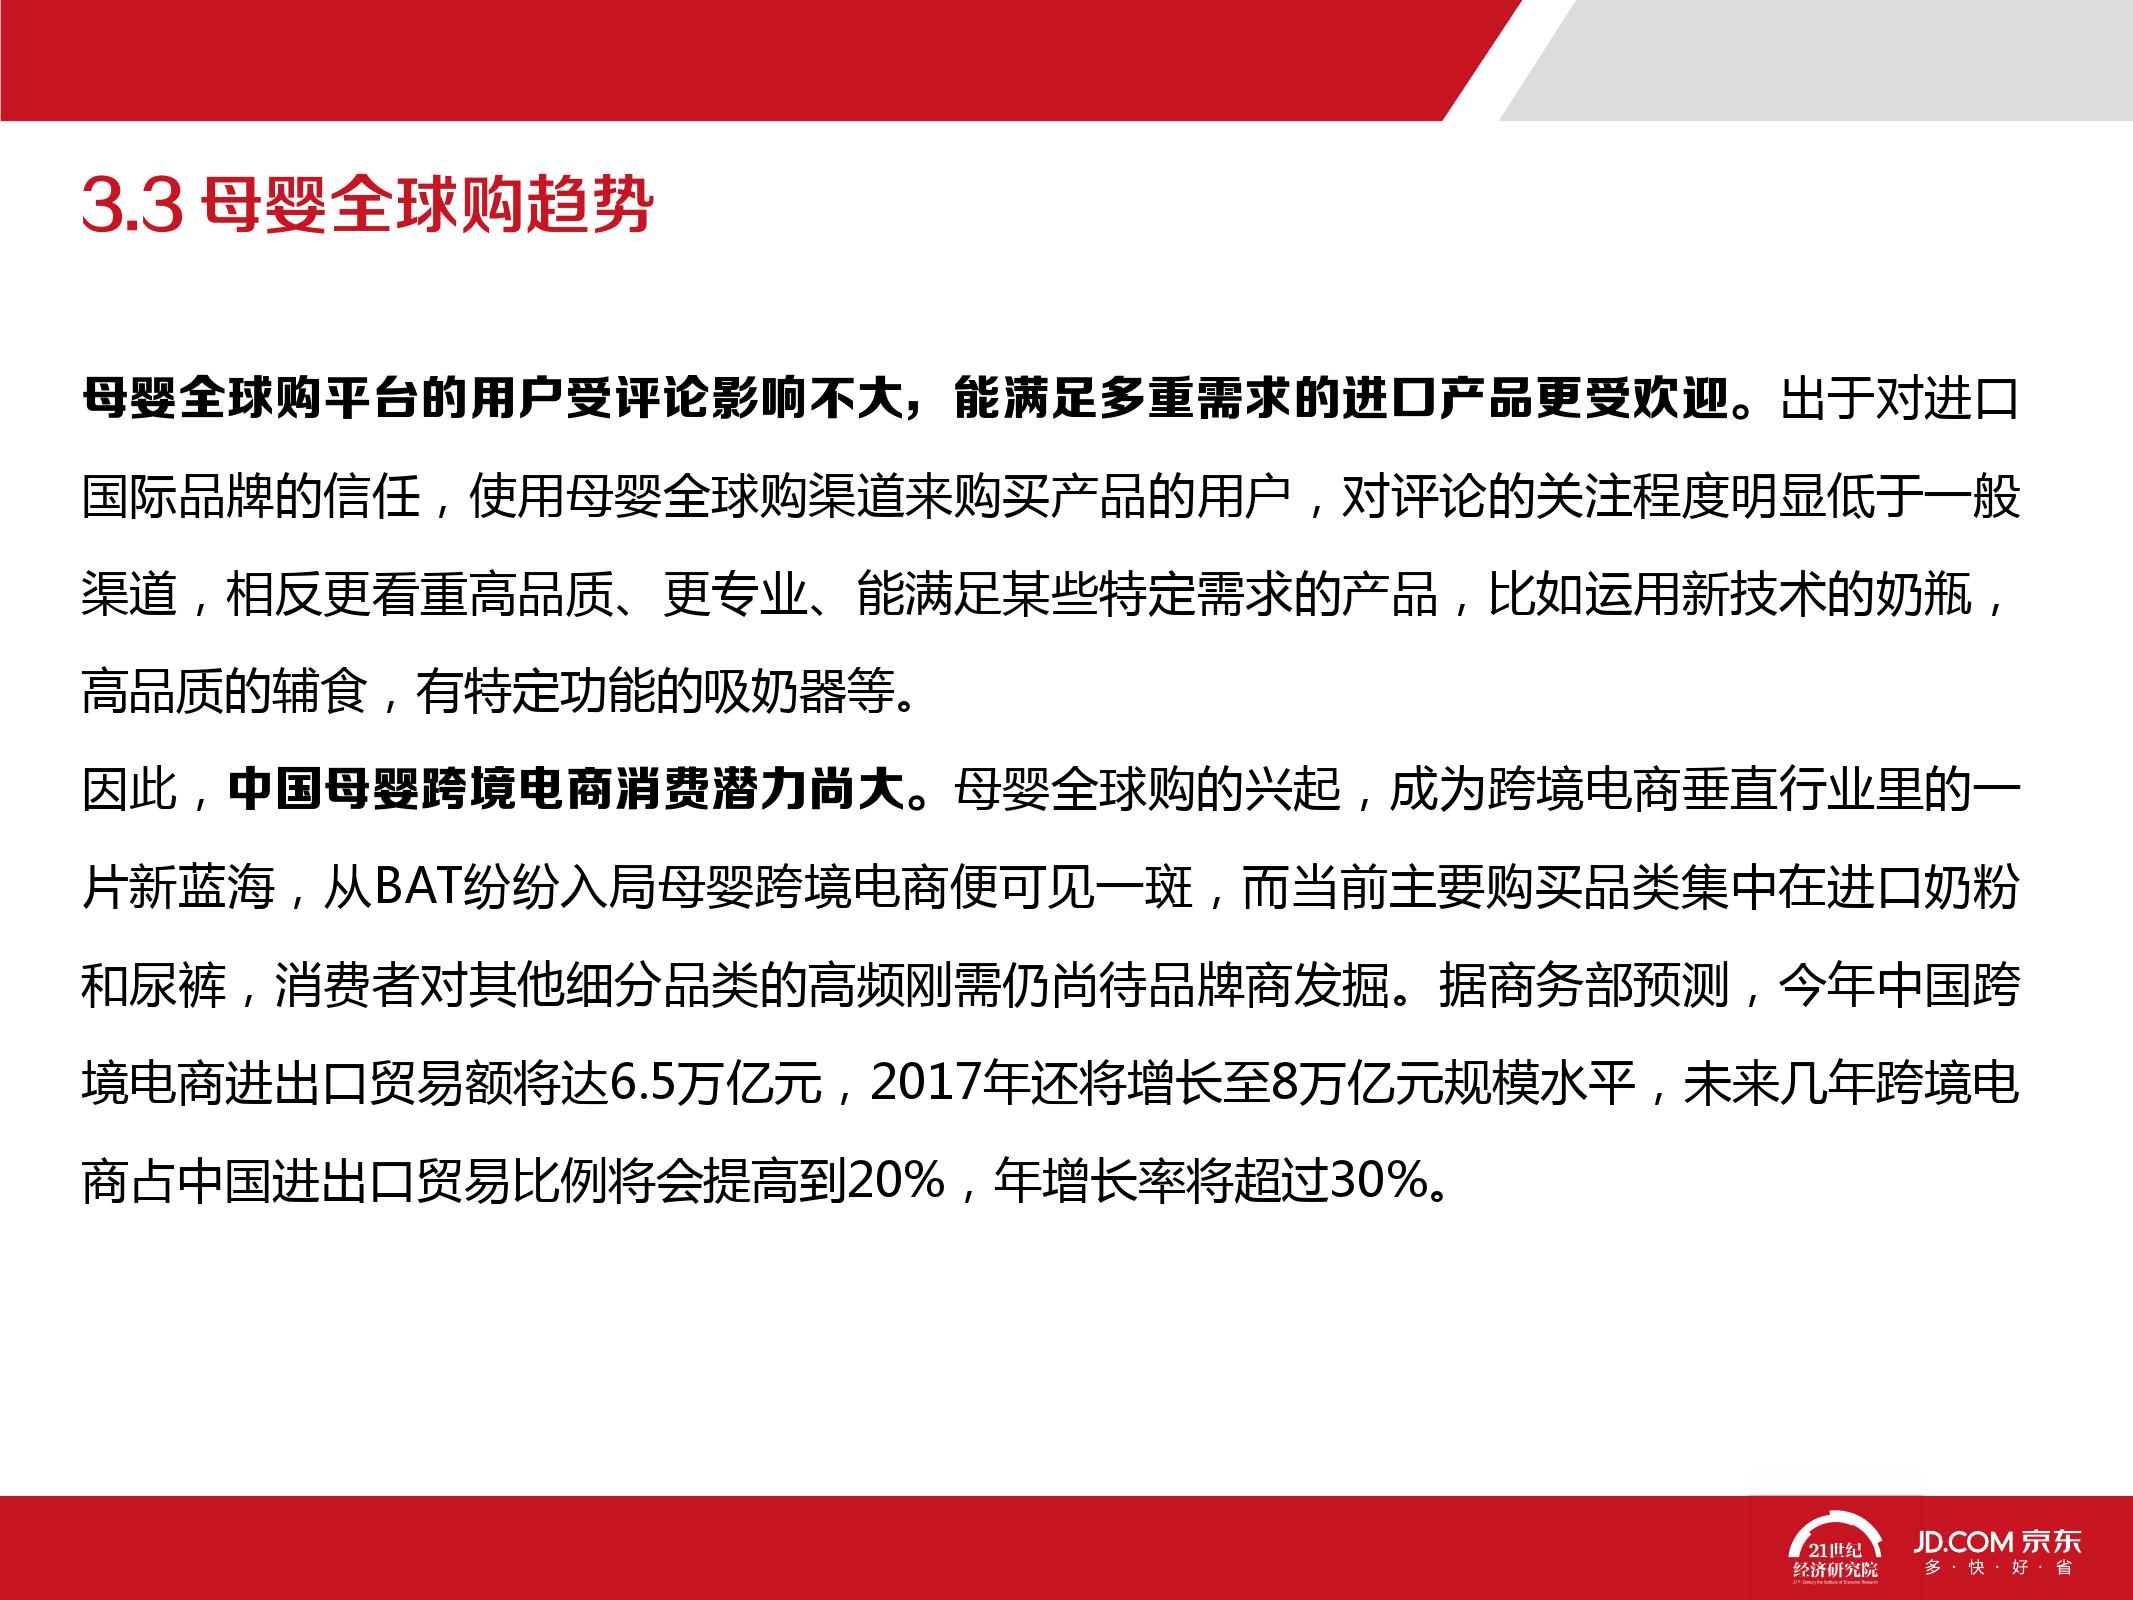 2016中国母婴产品消费趋势报告_000042